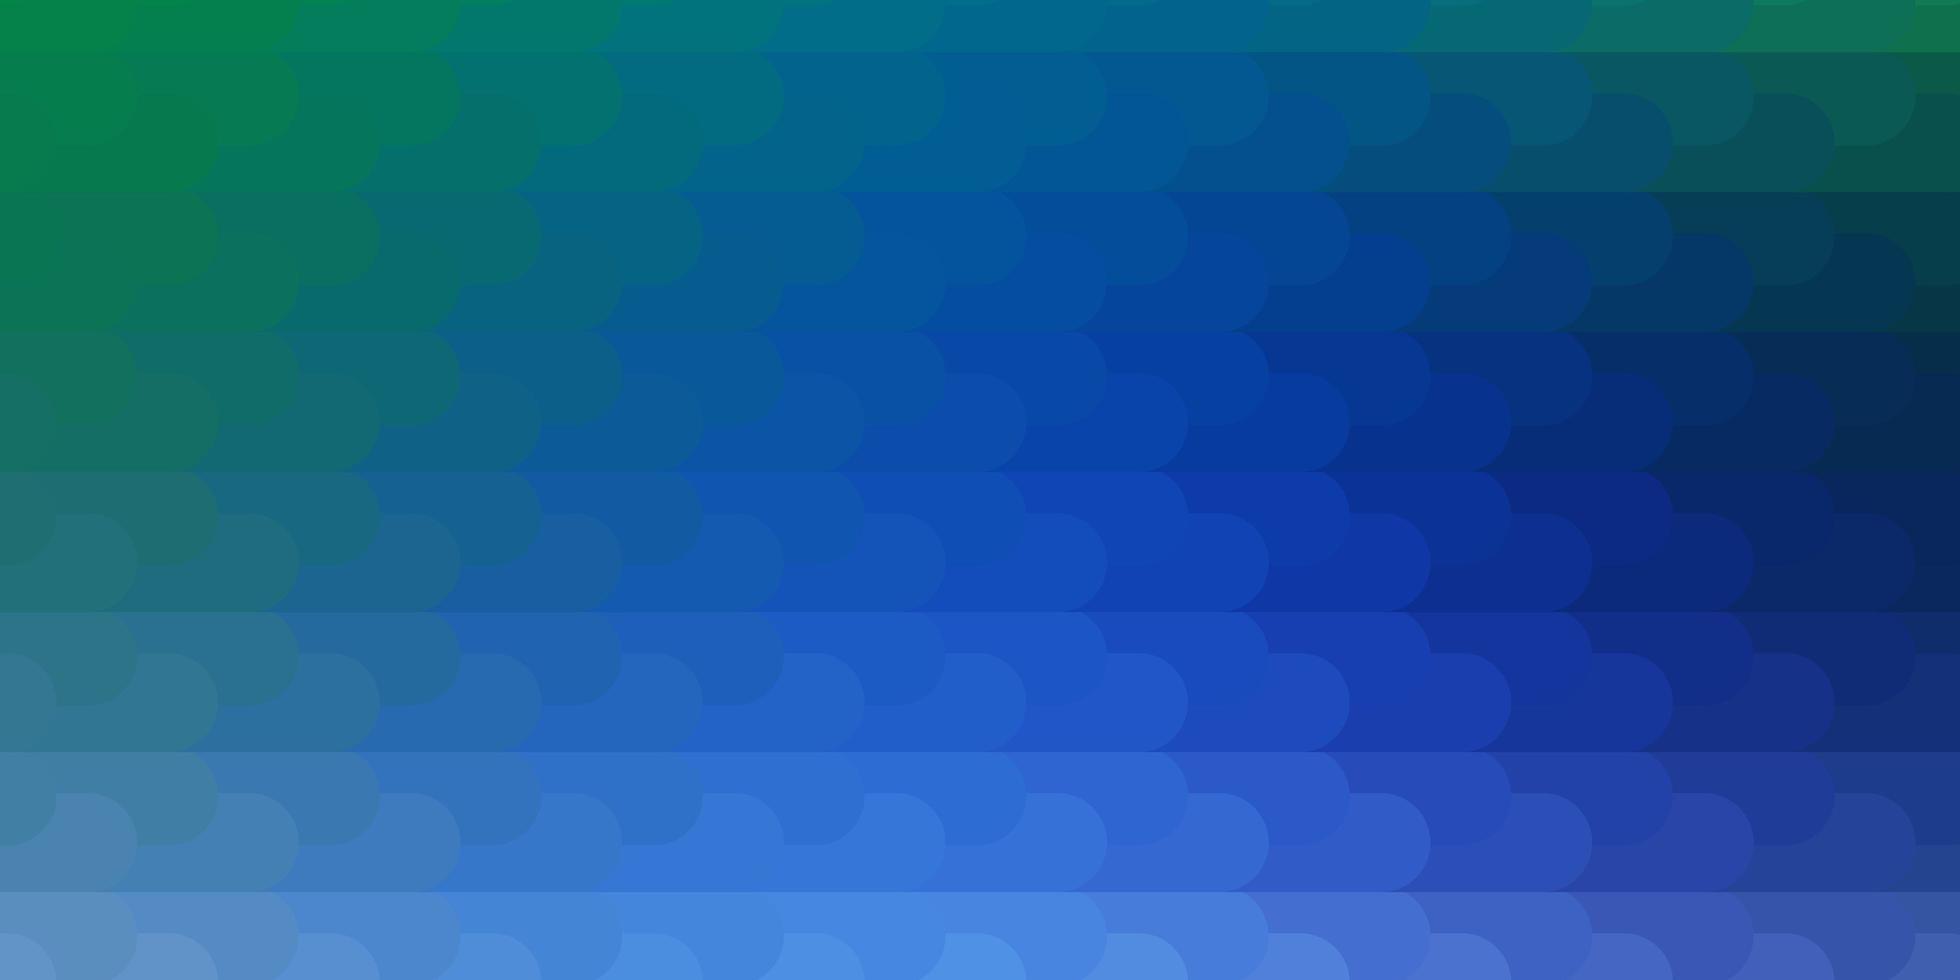 ljusblå, grön vektorlayout med linjer. vektor